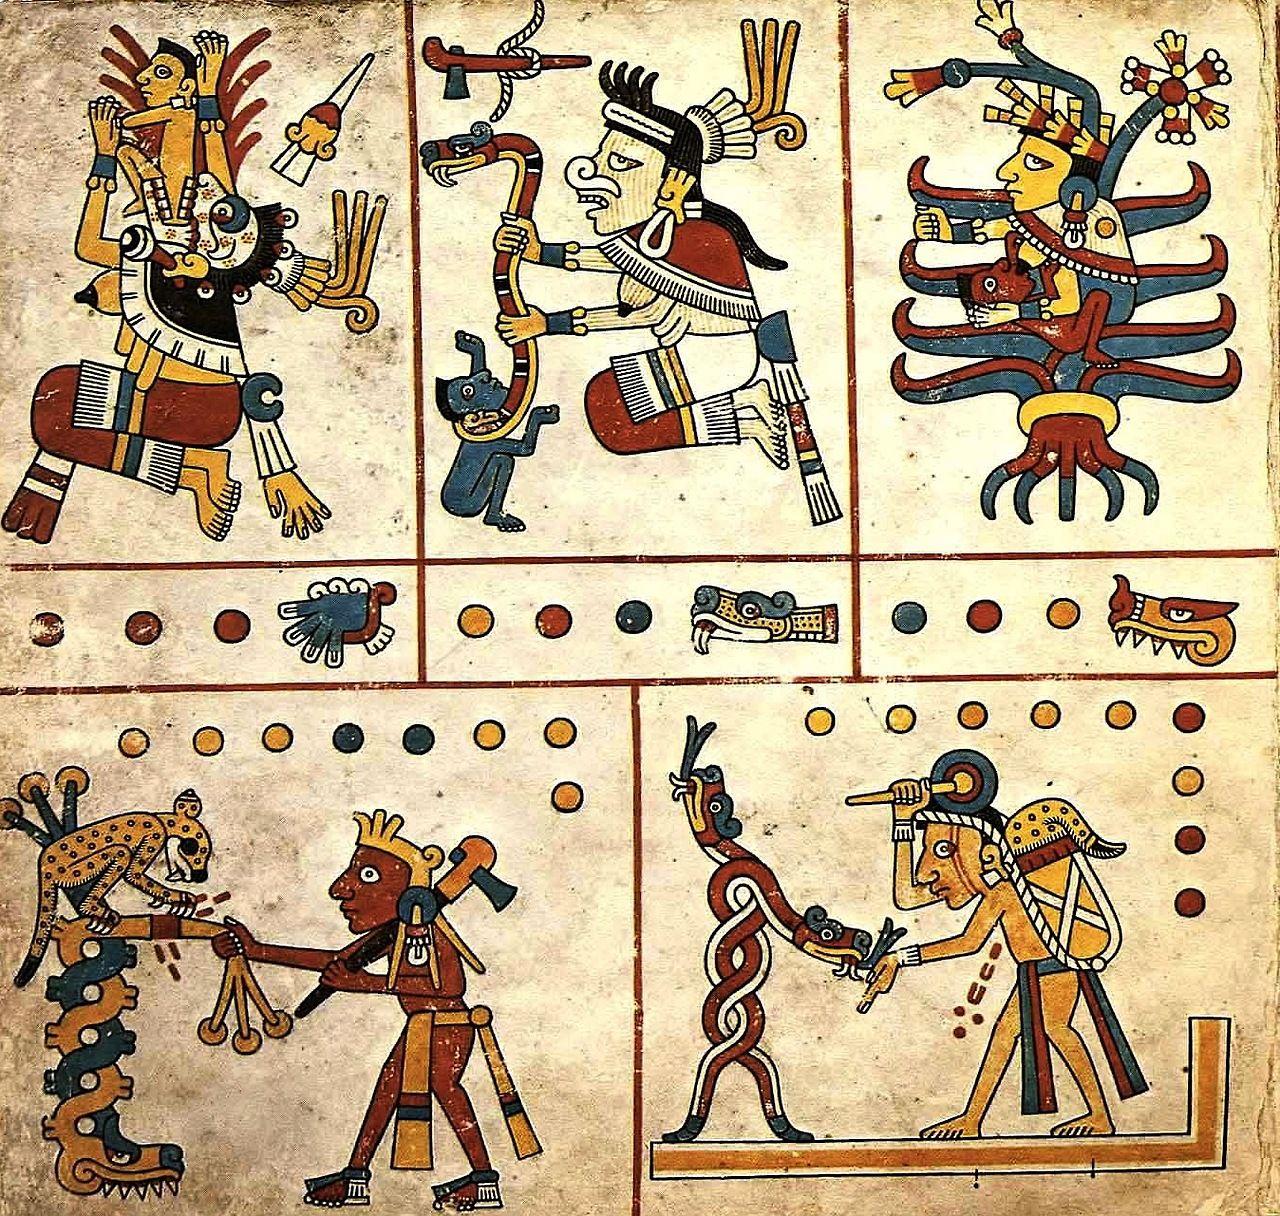 Resultado de imagen para The Codex Fejérváry-Mayer is an Aztec Codex of central Mexico